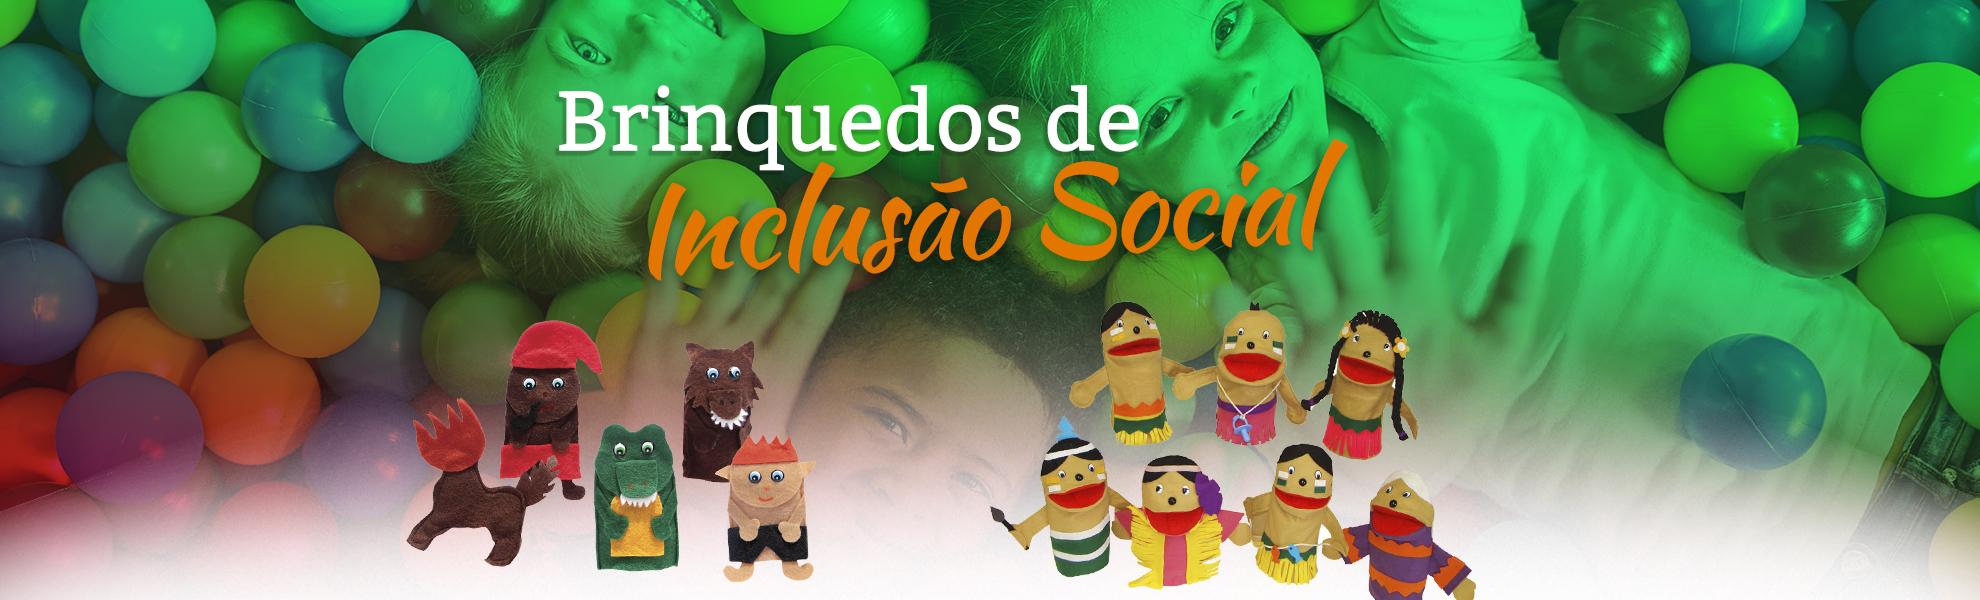 Brinquedos de Inclusão Social